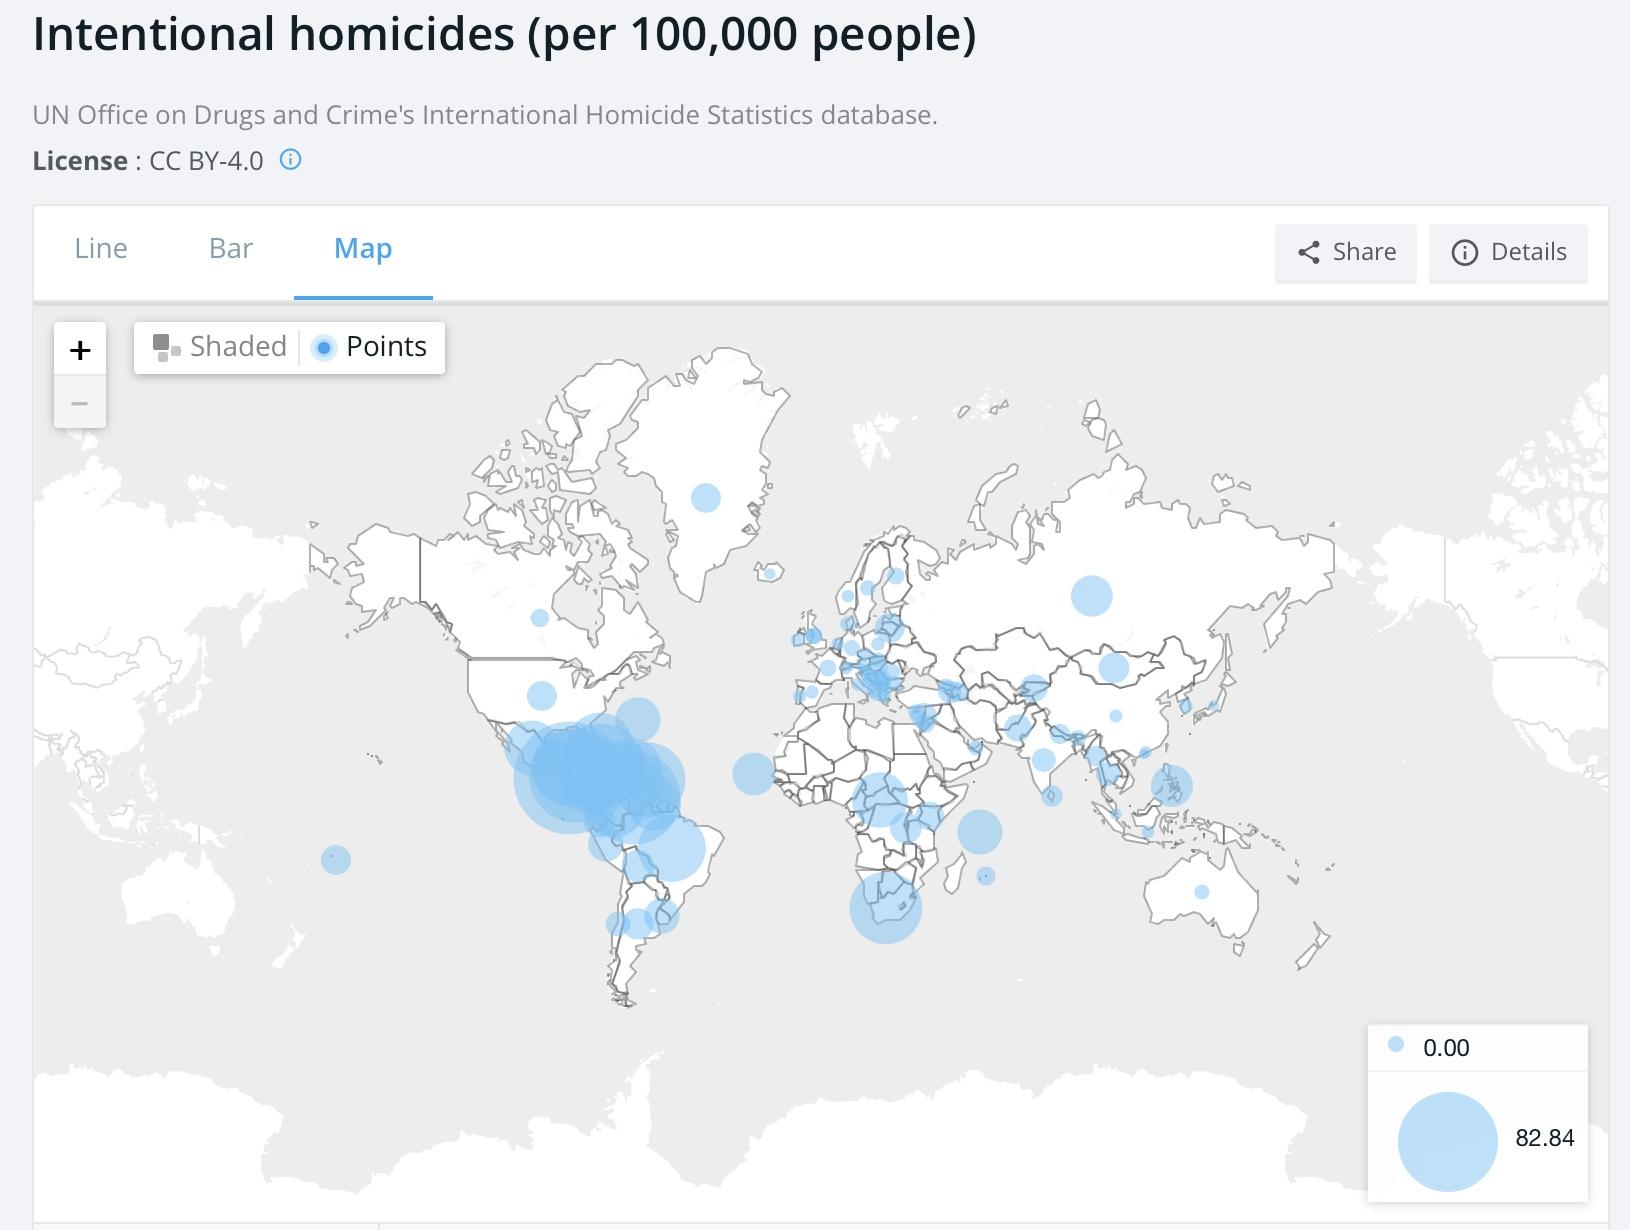 9f048f8aa2f8 Количество убийств на 100 000 жителей (практически везде приведены данные  за 2016г)